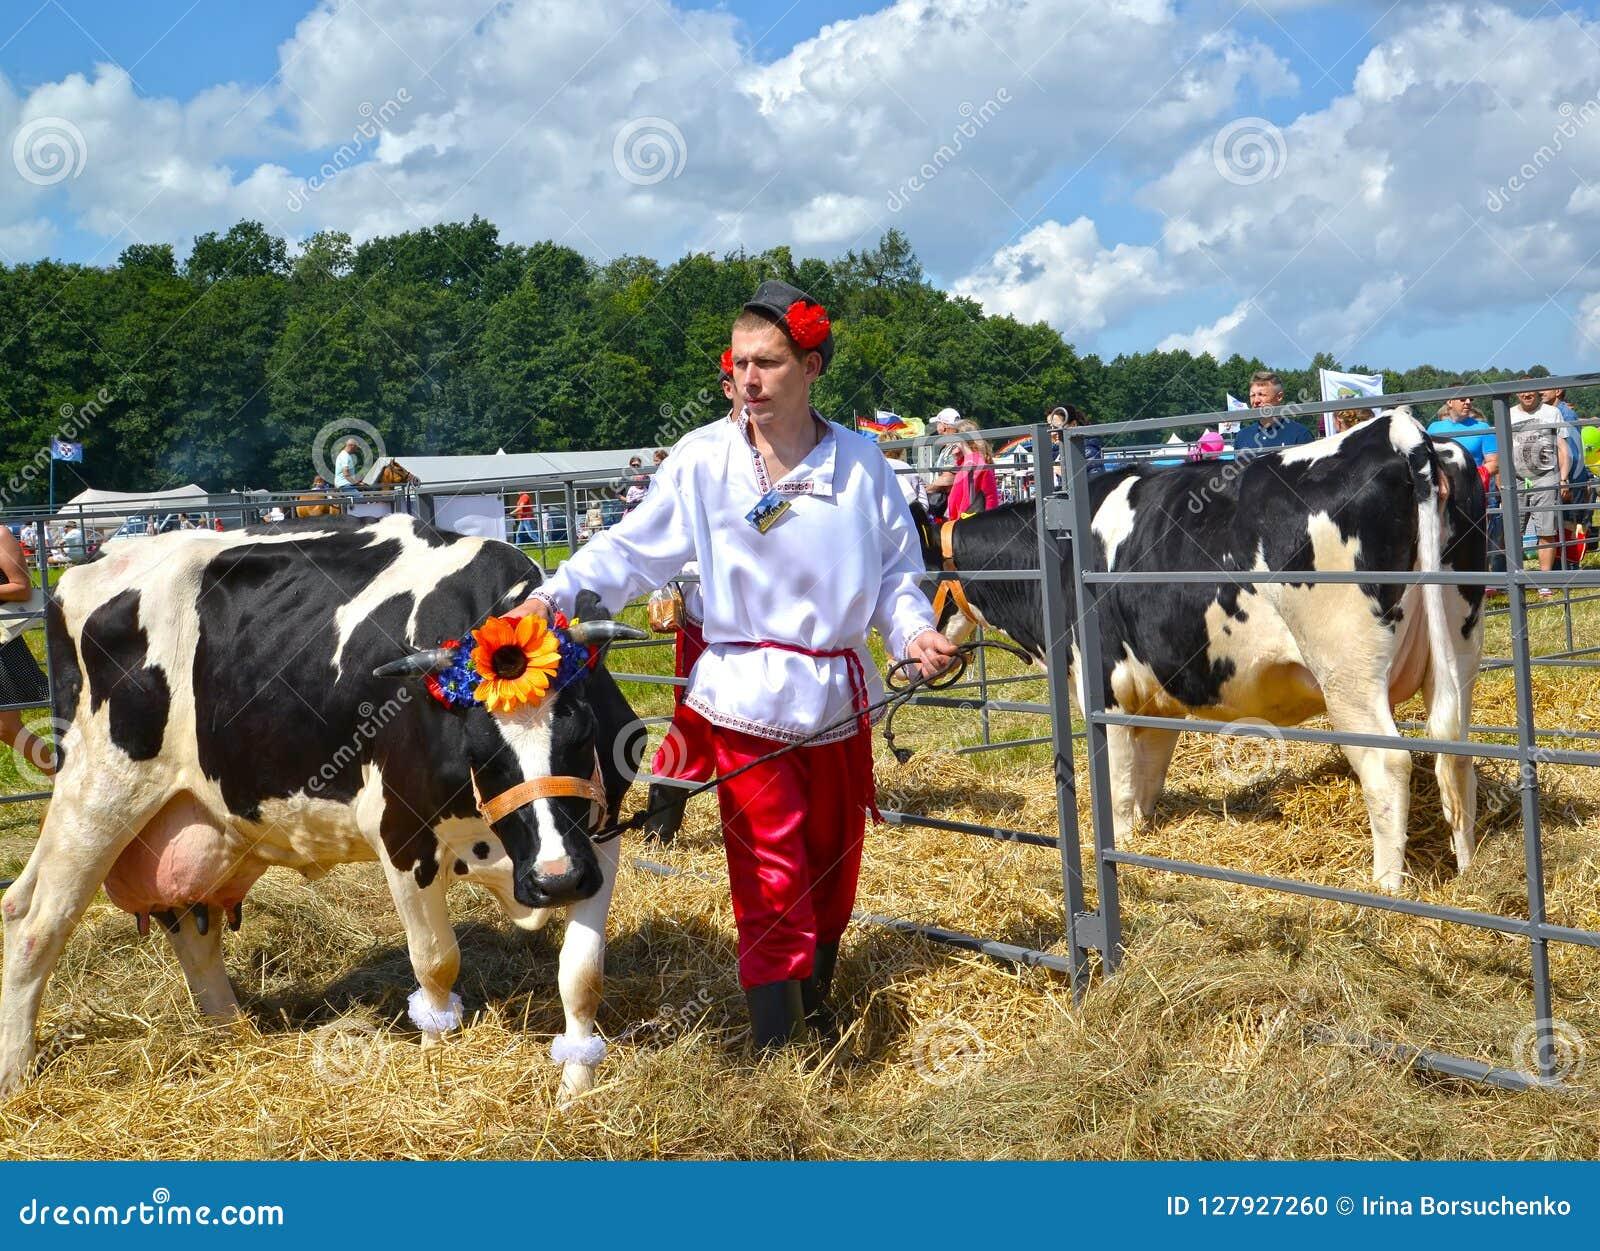 Região de Kaliningrad, Rússia O criador do fazendeiro-gado conduz em uma trela uma vaca da raça preta e heterogêneo Feriado agríc